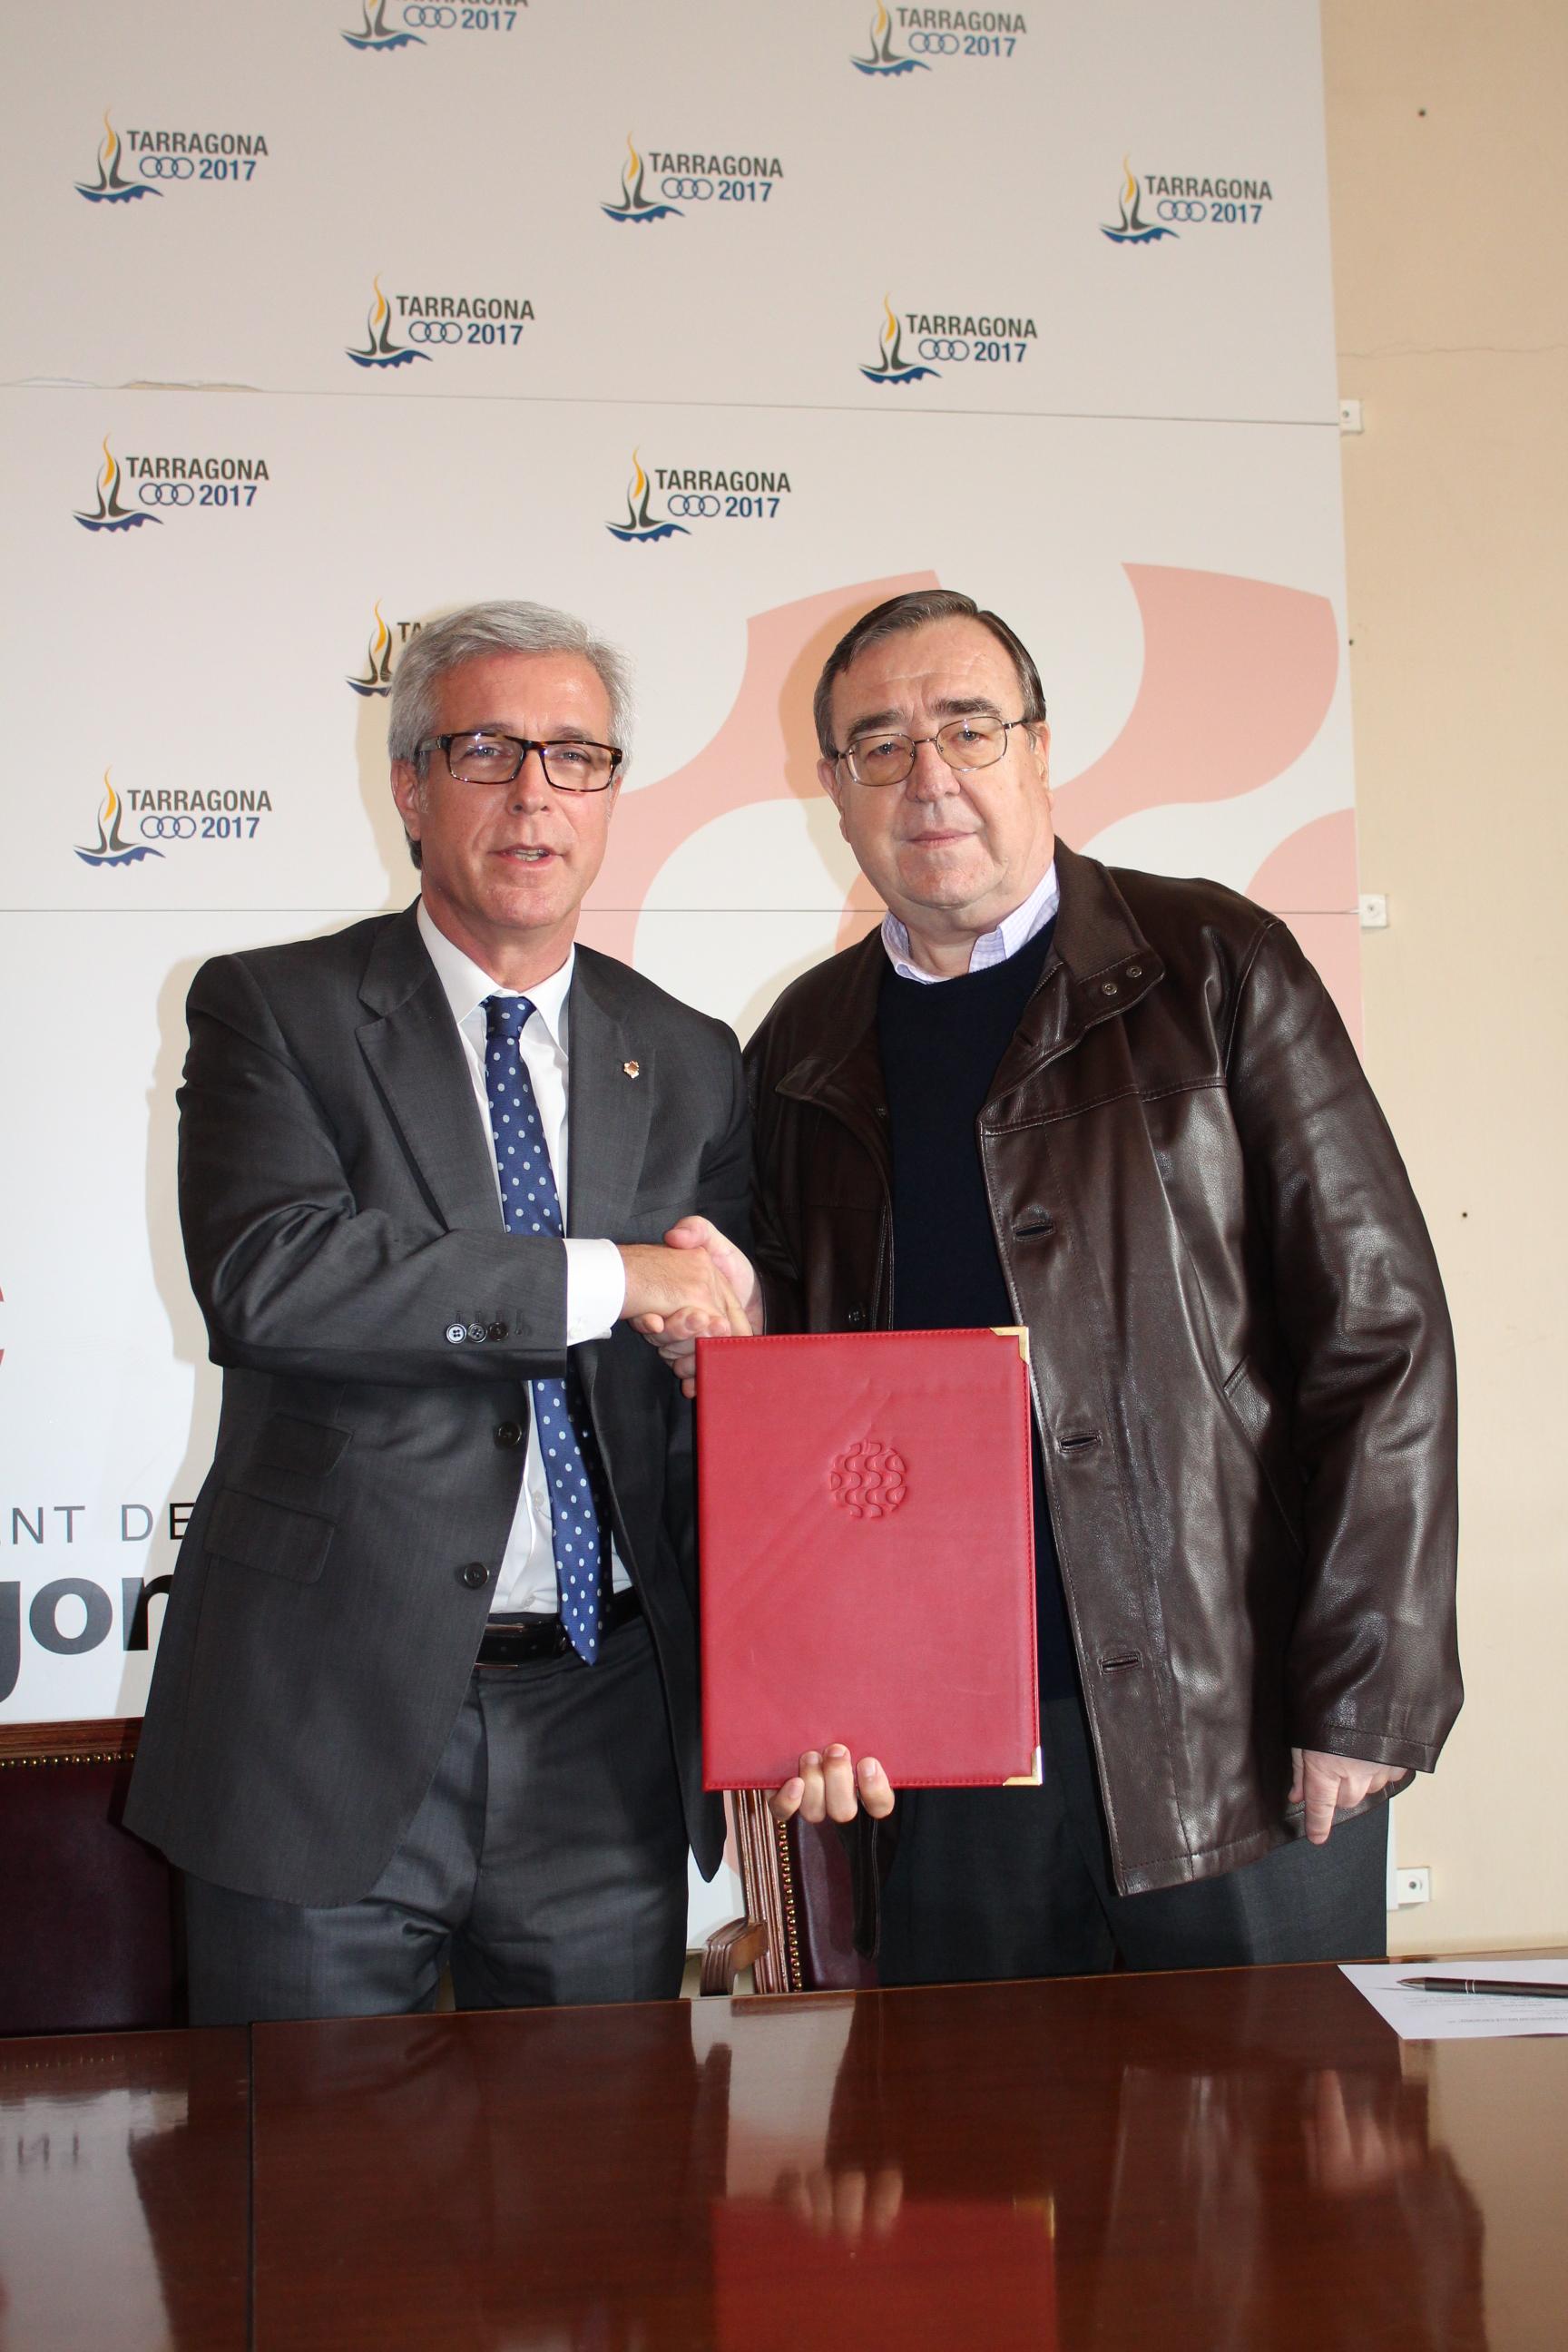 L'alcalde de Tarragona, Josep Fèlix Ballesteros (esquerra) i el president de la Fundació Mútua Catalana, Joan Josep Marca, durant l'acte de signatura del conveni per recuperar un nou tram de la graderia del Circ, celebrat el passat 17 de desembre. Fotografia: Ajuntament de Tarragona.